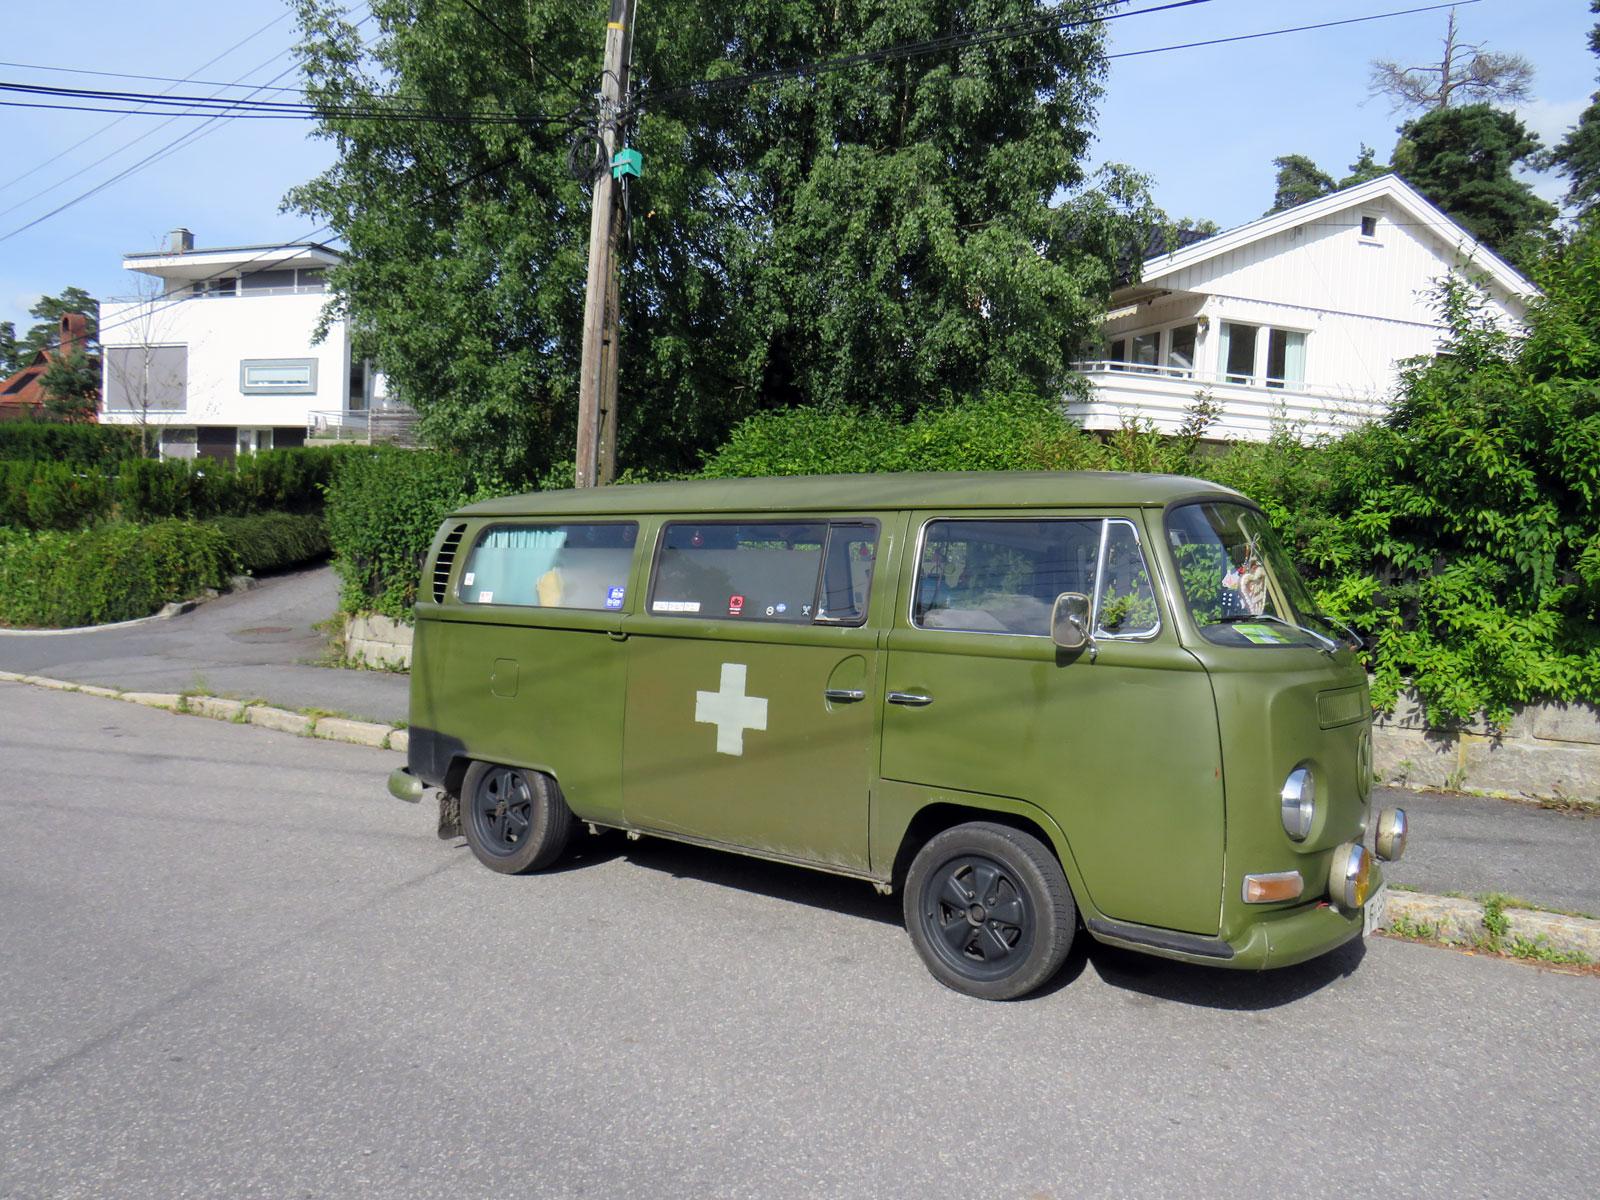 1969 Volkswagen Kombi Transporter Type 2 minibus